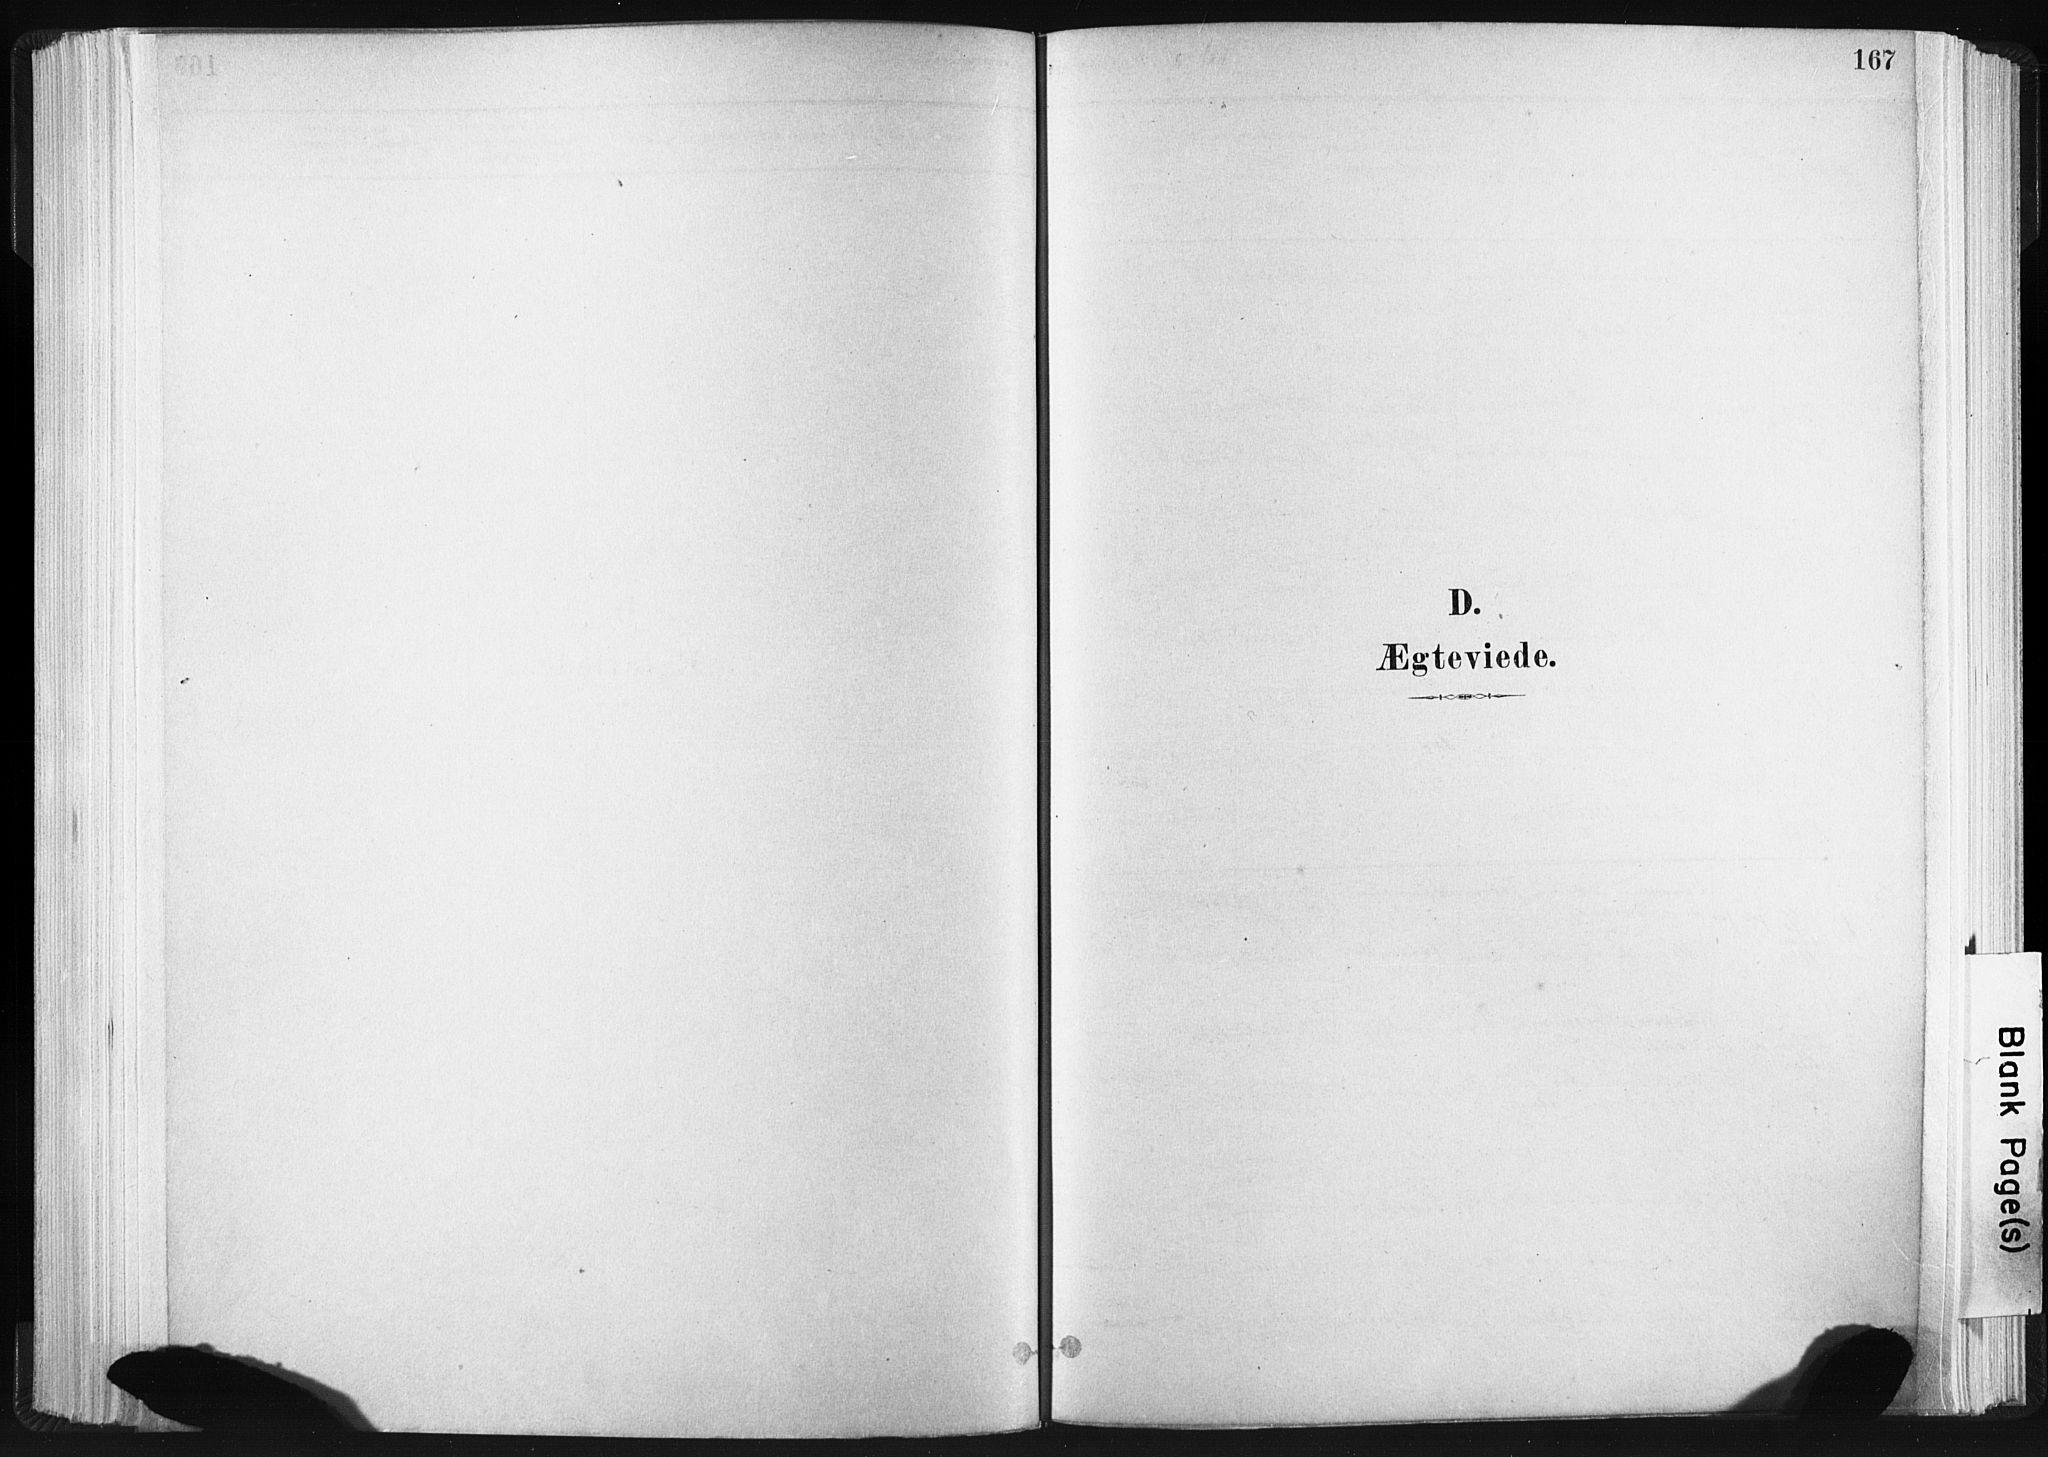 SAT, Ministerialprotokoller, klokkerbøker og fødselsregistre - Sør-Trøndelag, 665/L0773: Ministerialbok nr. 665A08, 1879-1905, s. 167